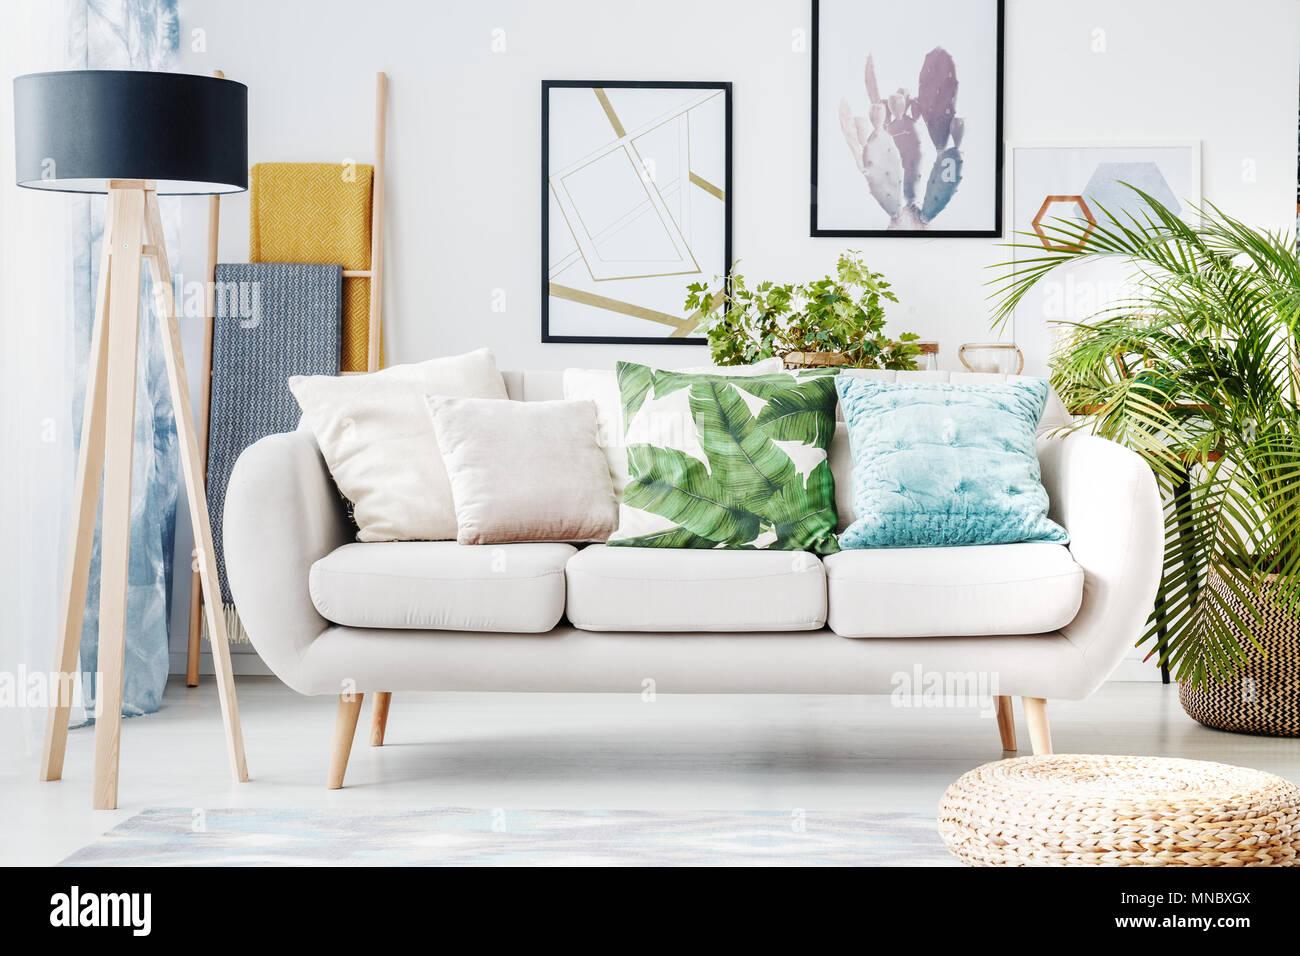 Geblümten Sitzkissen Beige Sofa Und Poster An Der Wand Im Wohnzimmer Mit  Pouf, Lampe Und Anlage